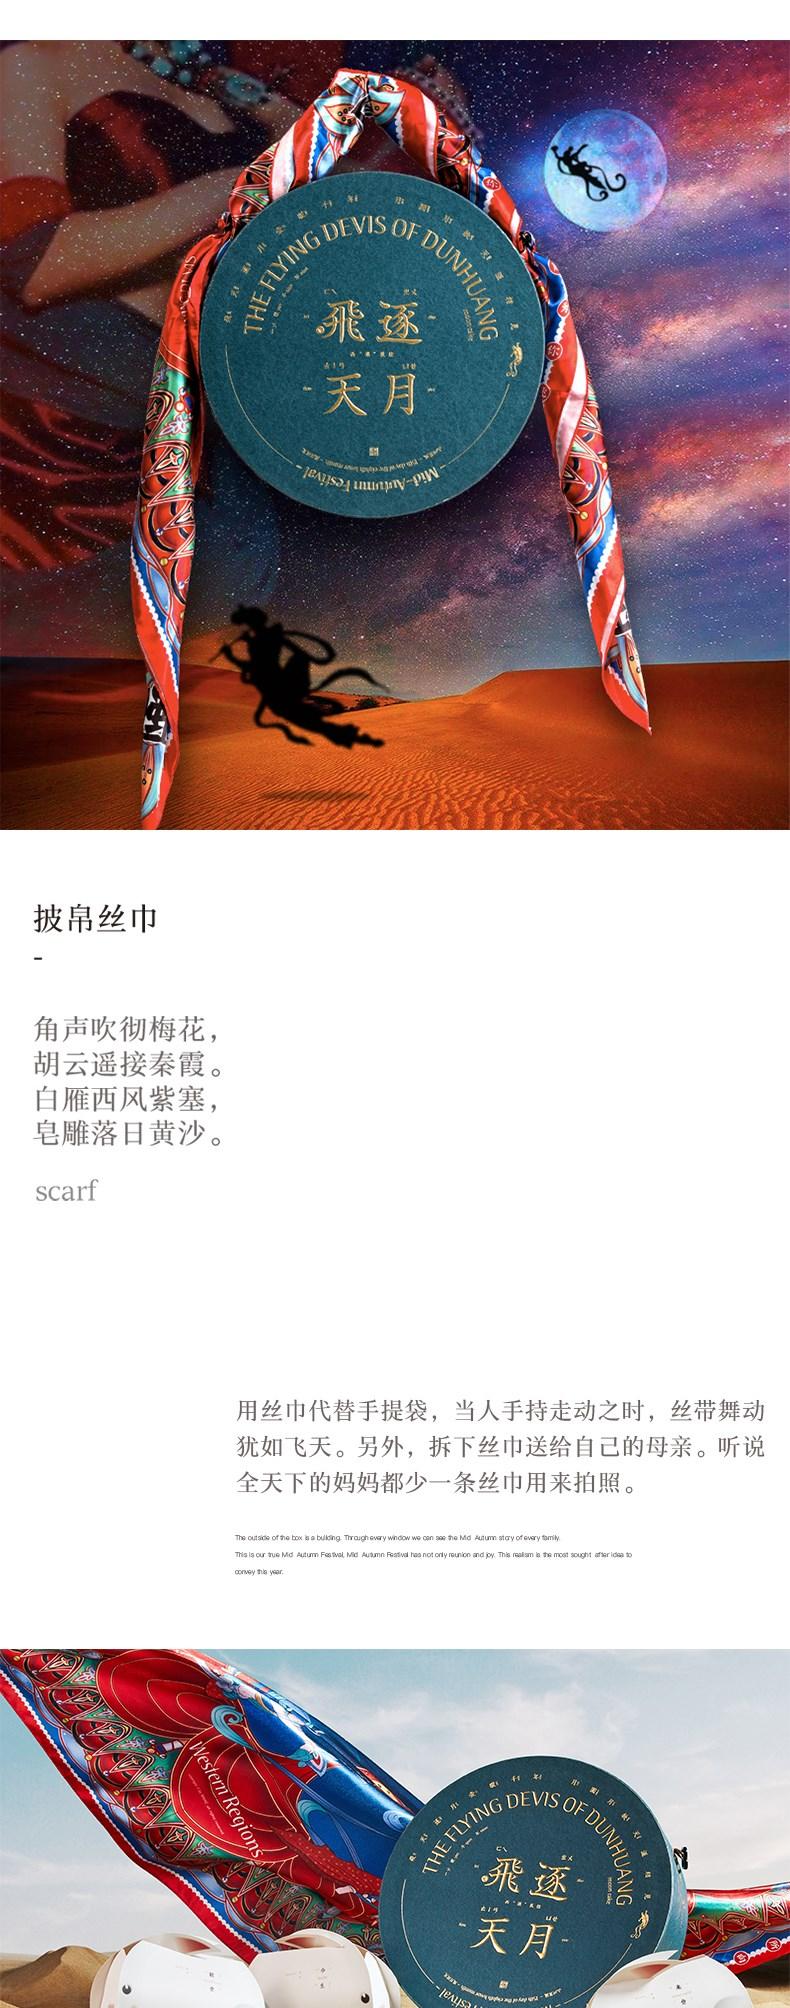 飞天逐月+妙手回潮x喜茶